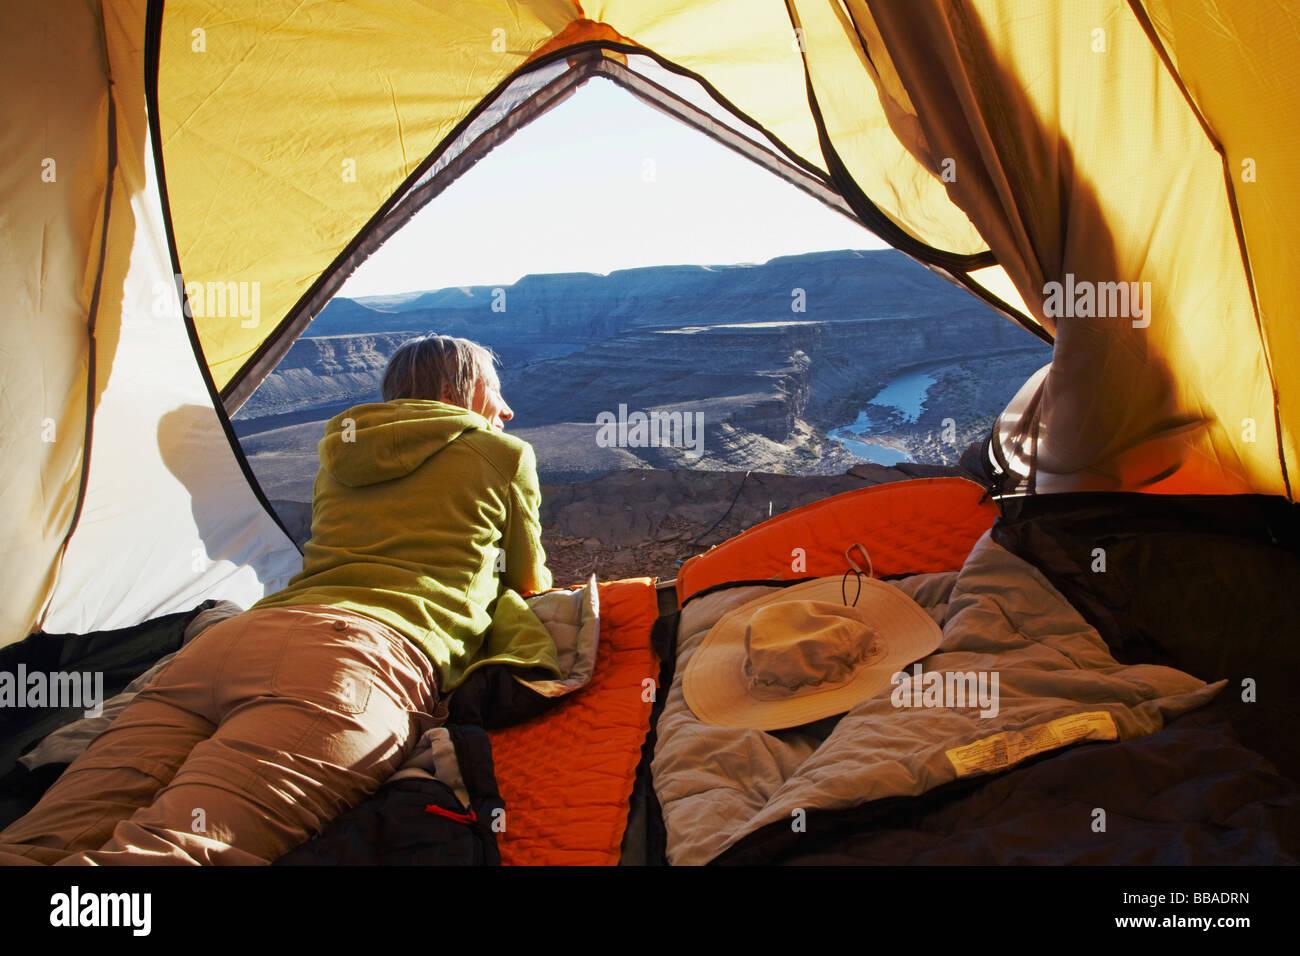 Uma mulher deitada em uma tenda, Cavalo Equipamento dobre, Fish River Canyon, Namíbia Imagens de Stock